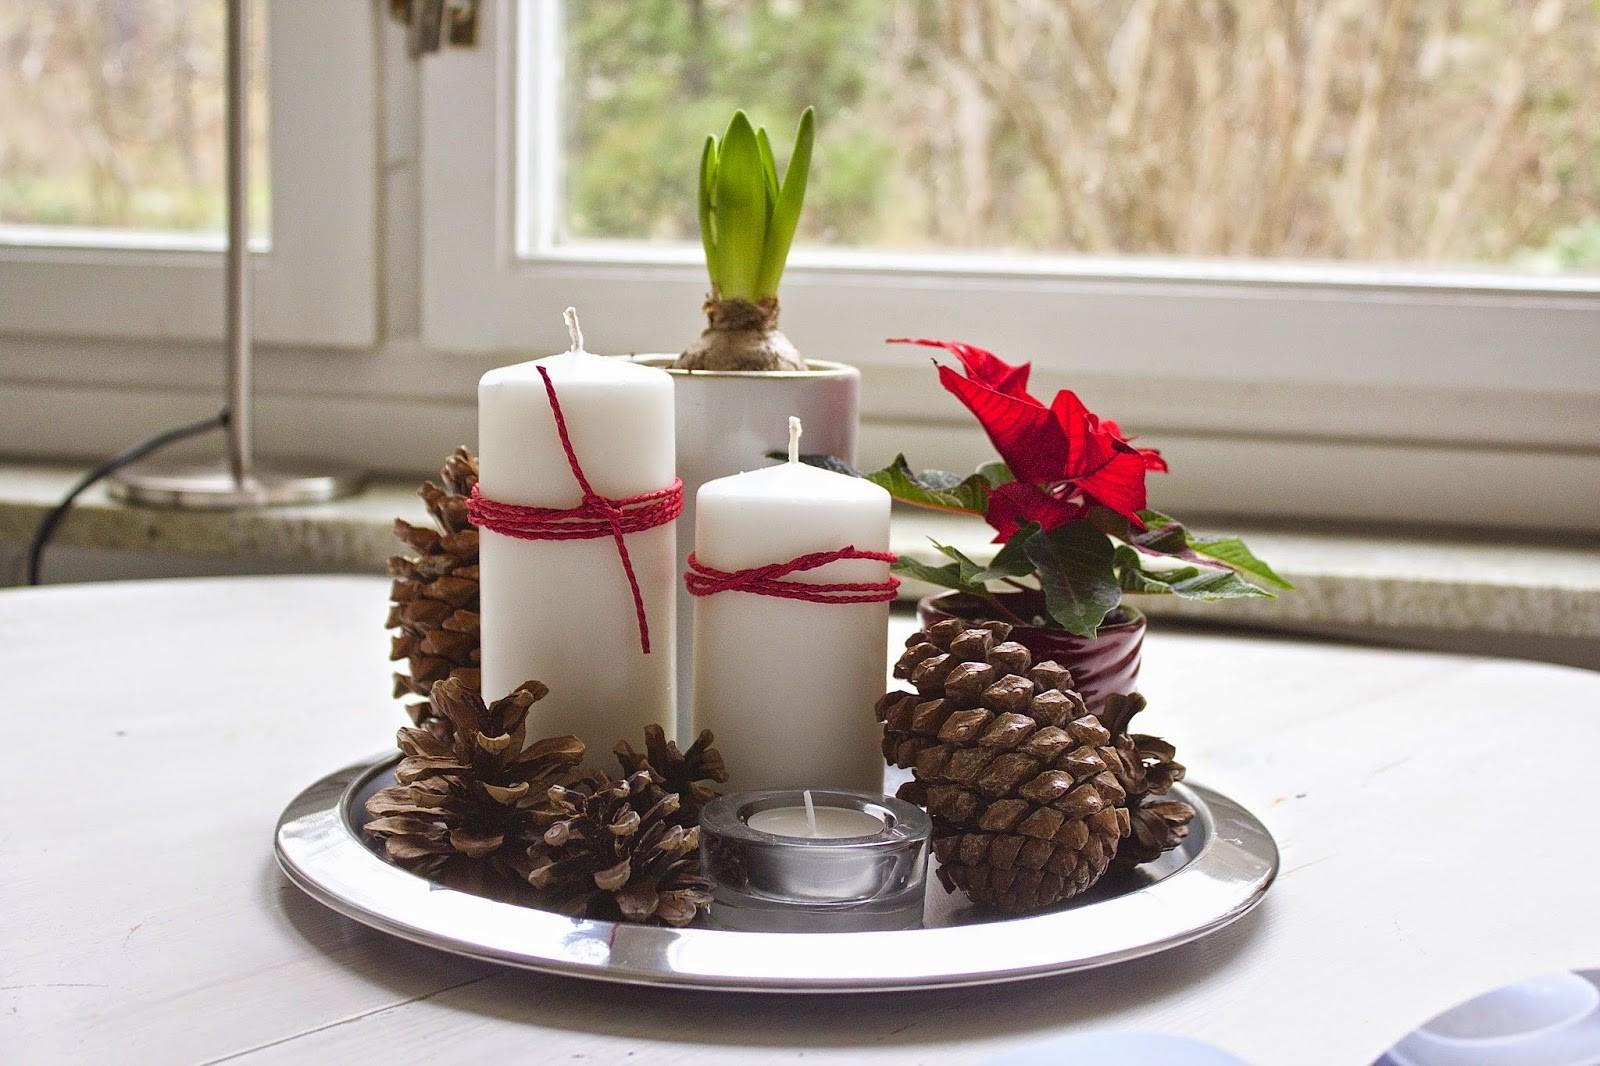 tischgestaltung vor dem fenster weihnachtsbastelideen